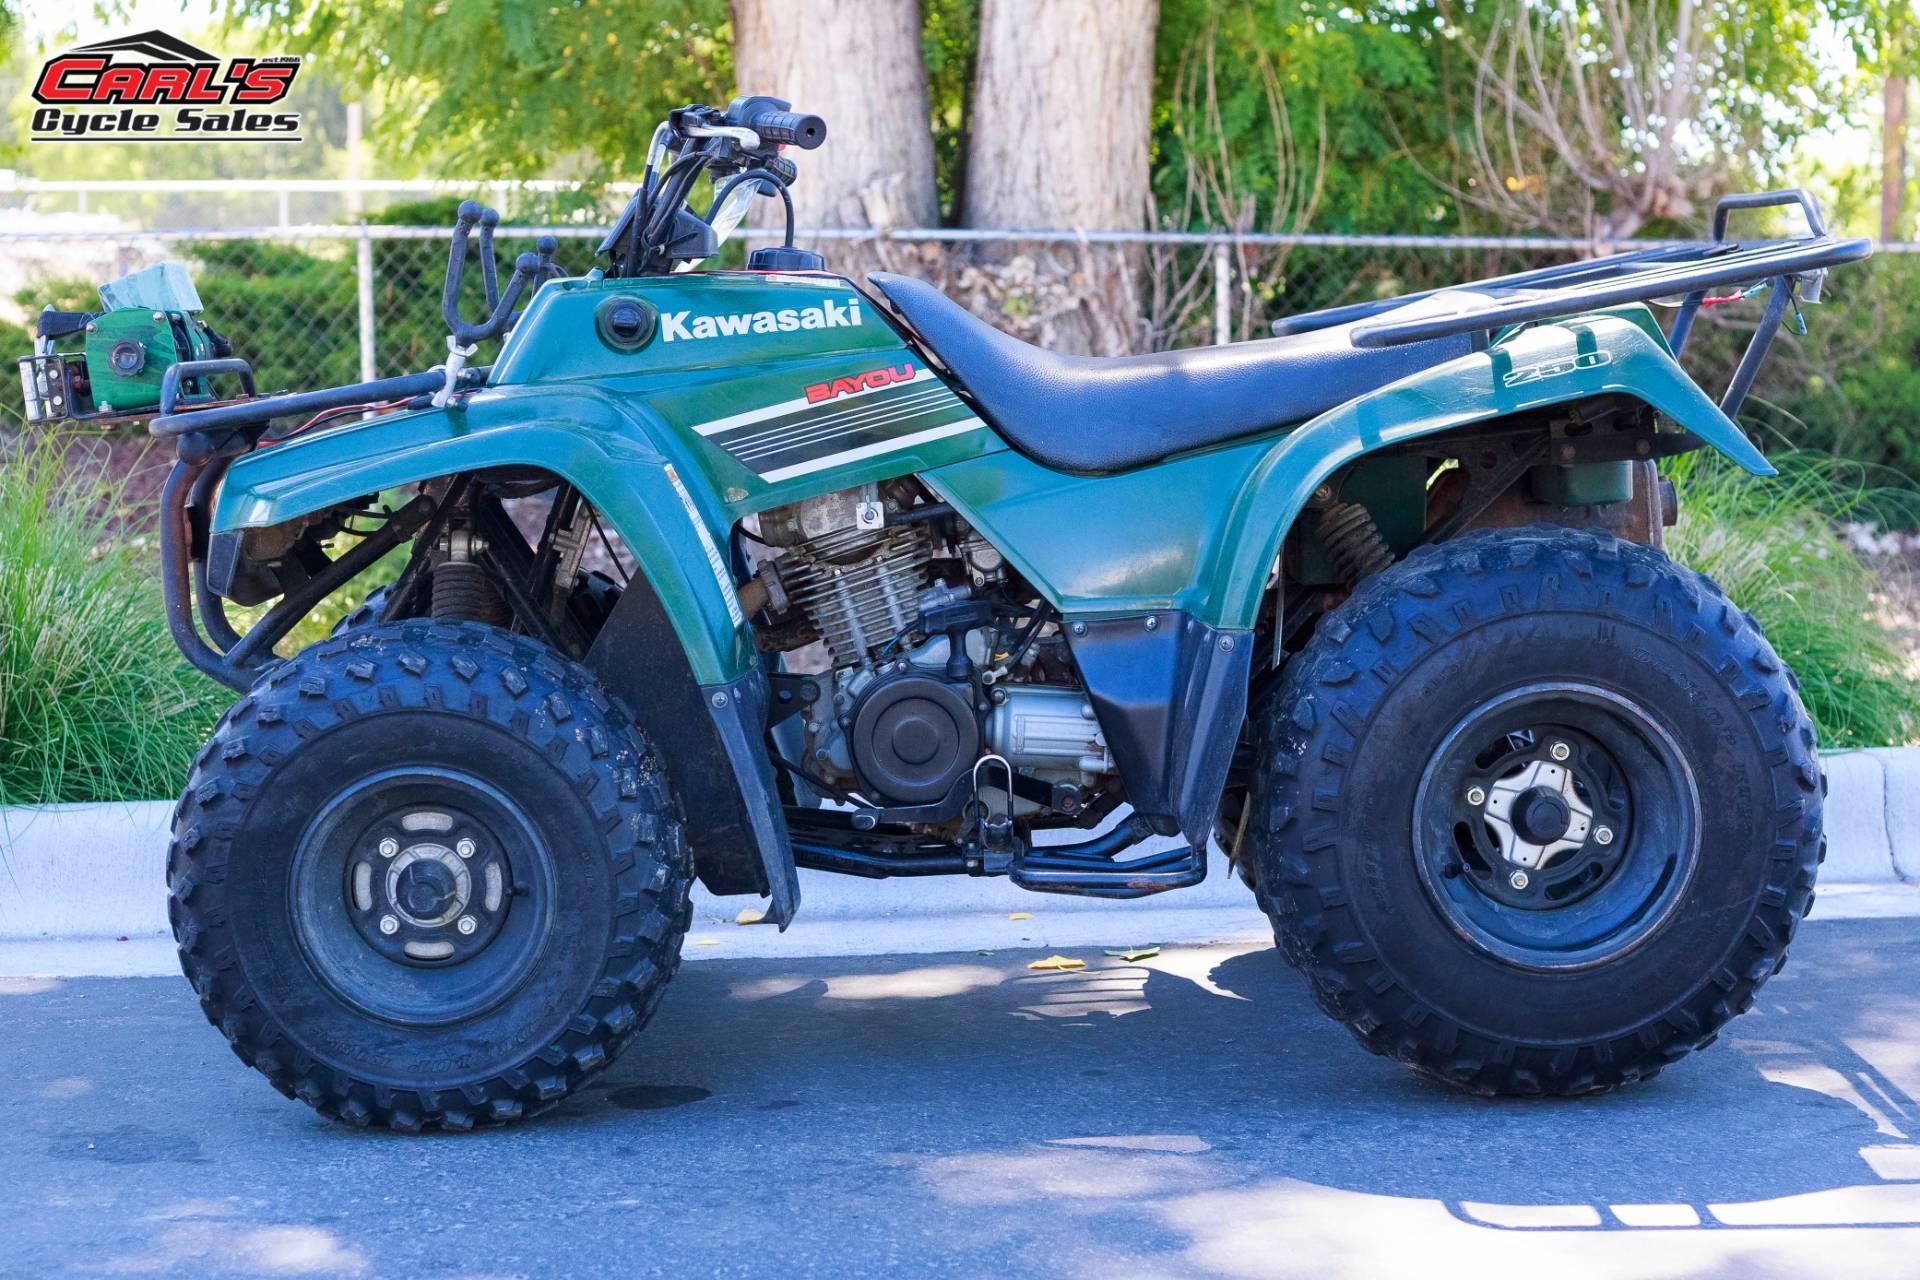 2008 Bayou 250